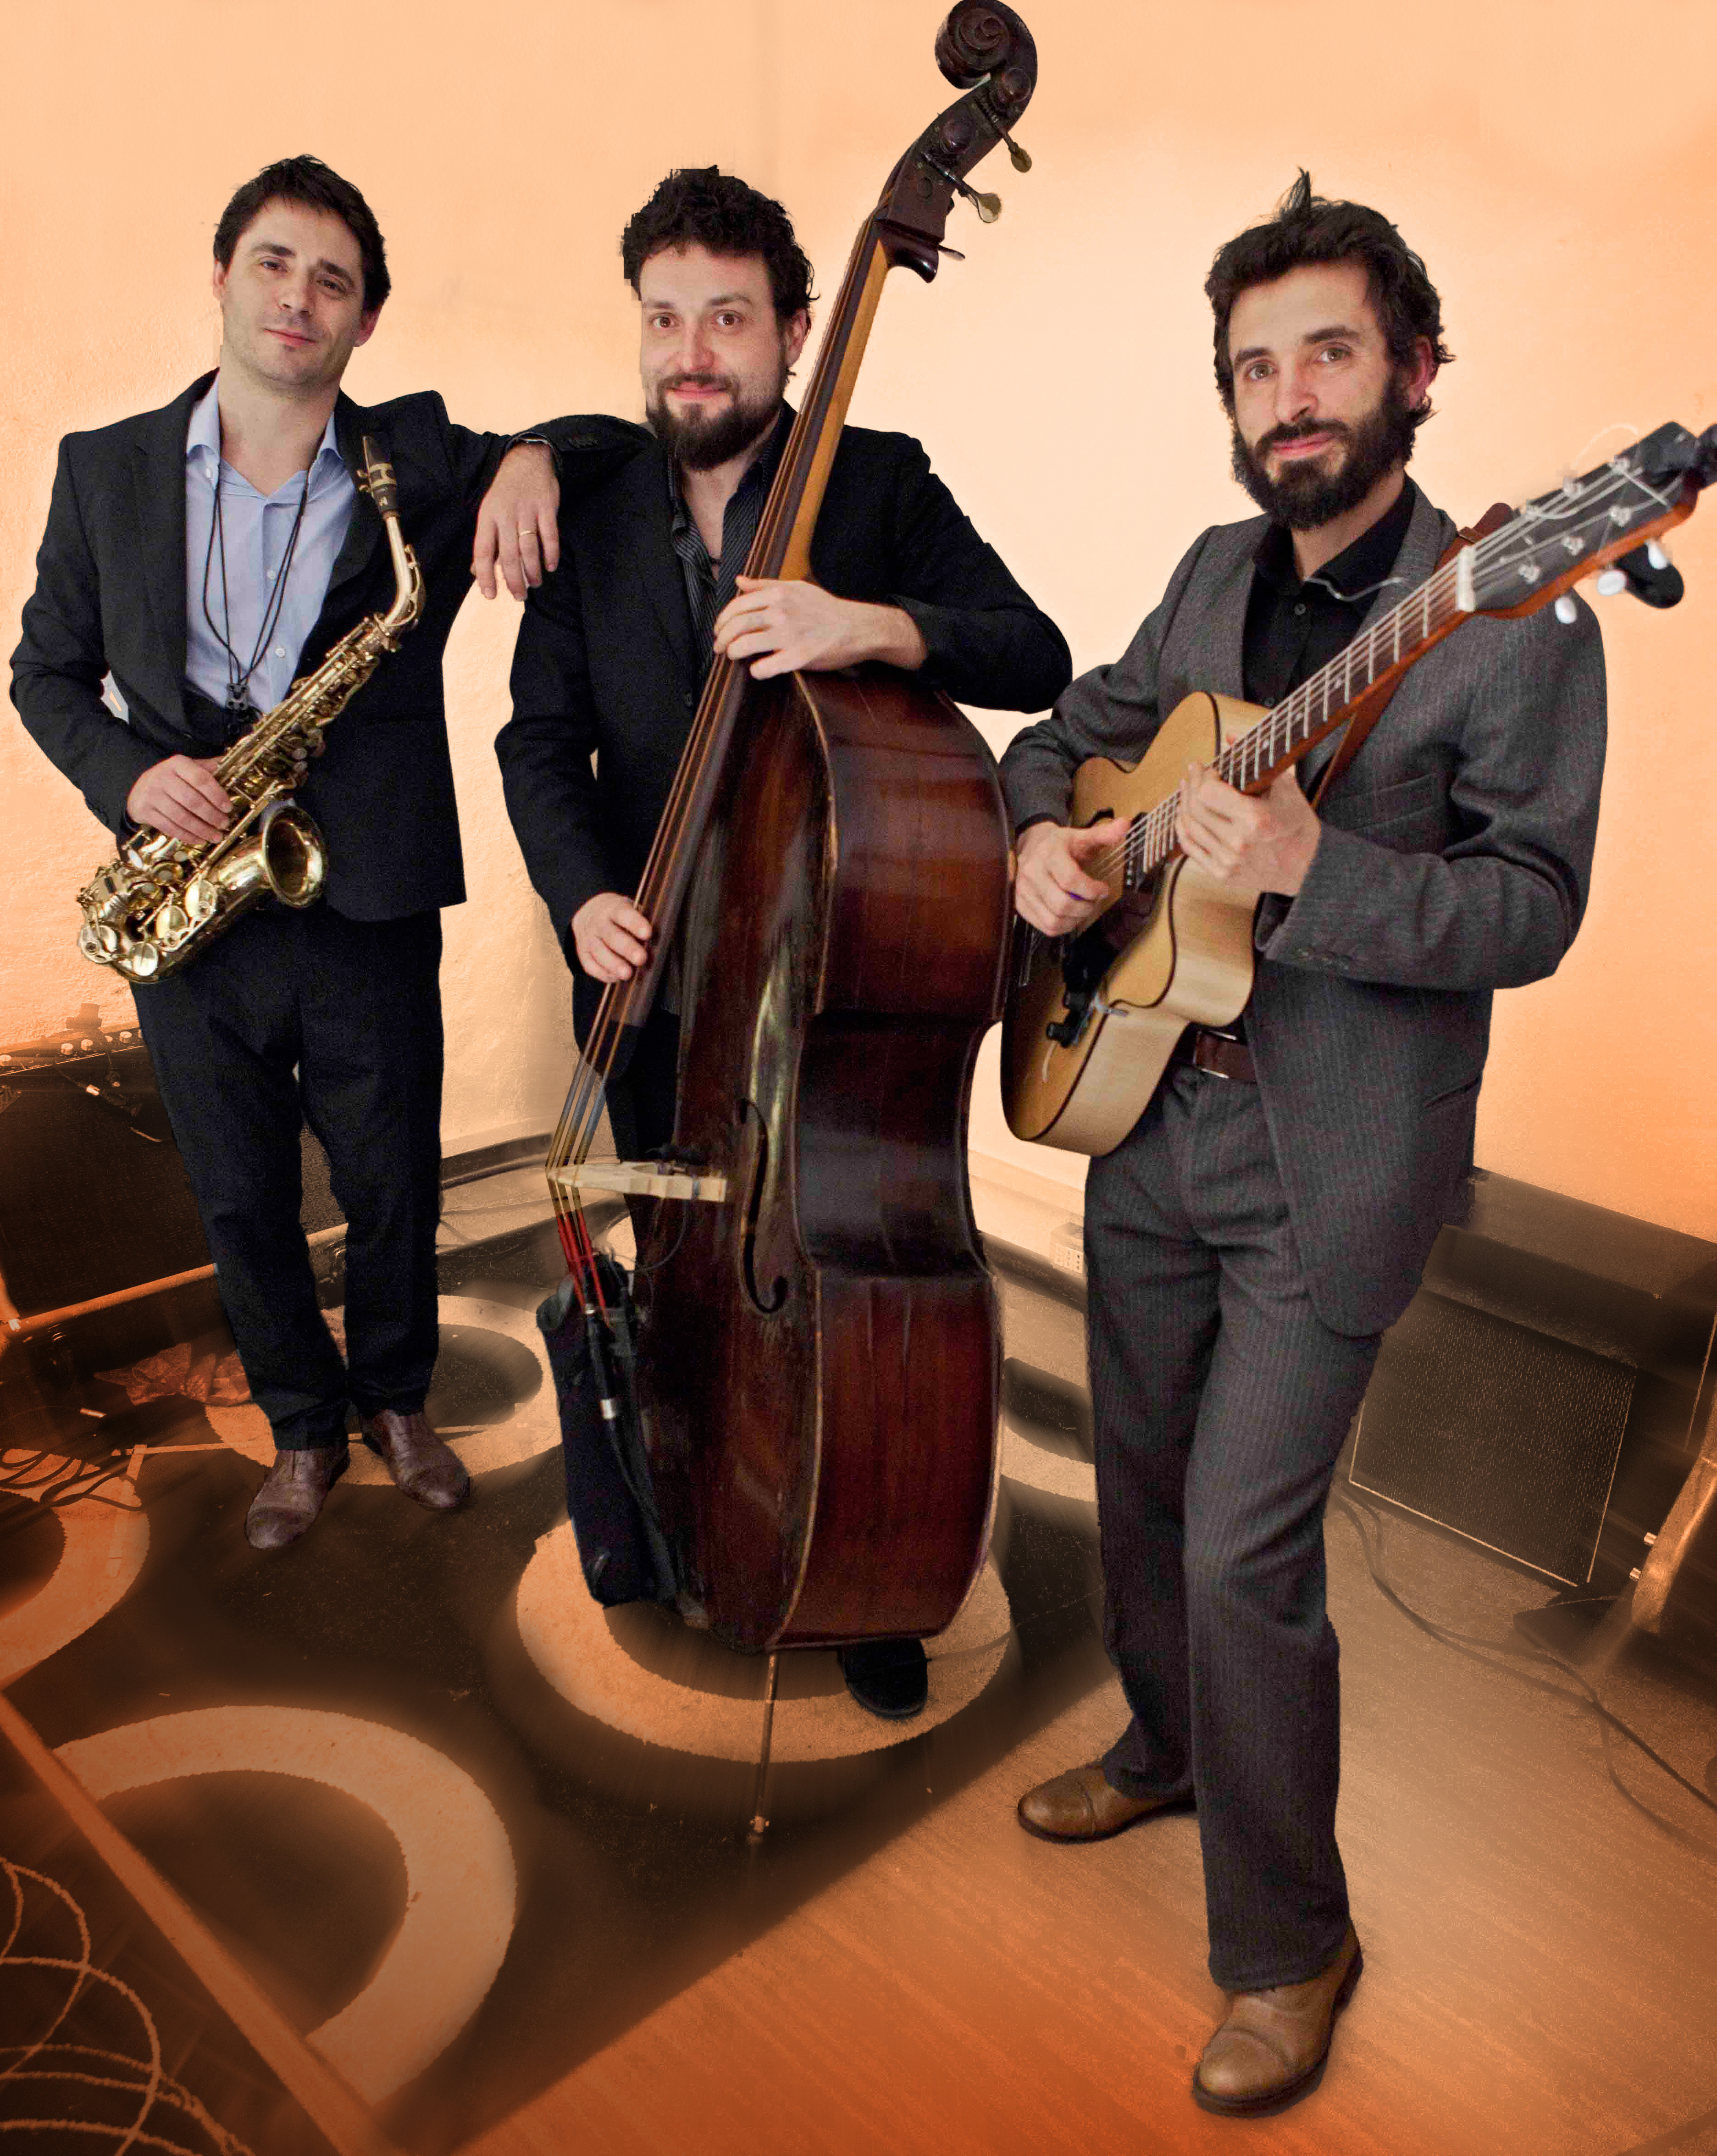 Trevor - Tolga - Zucconi Trio. photo: Valerie Granberg